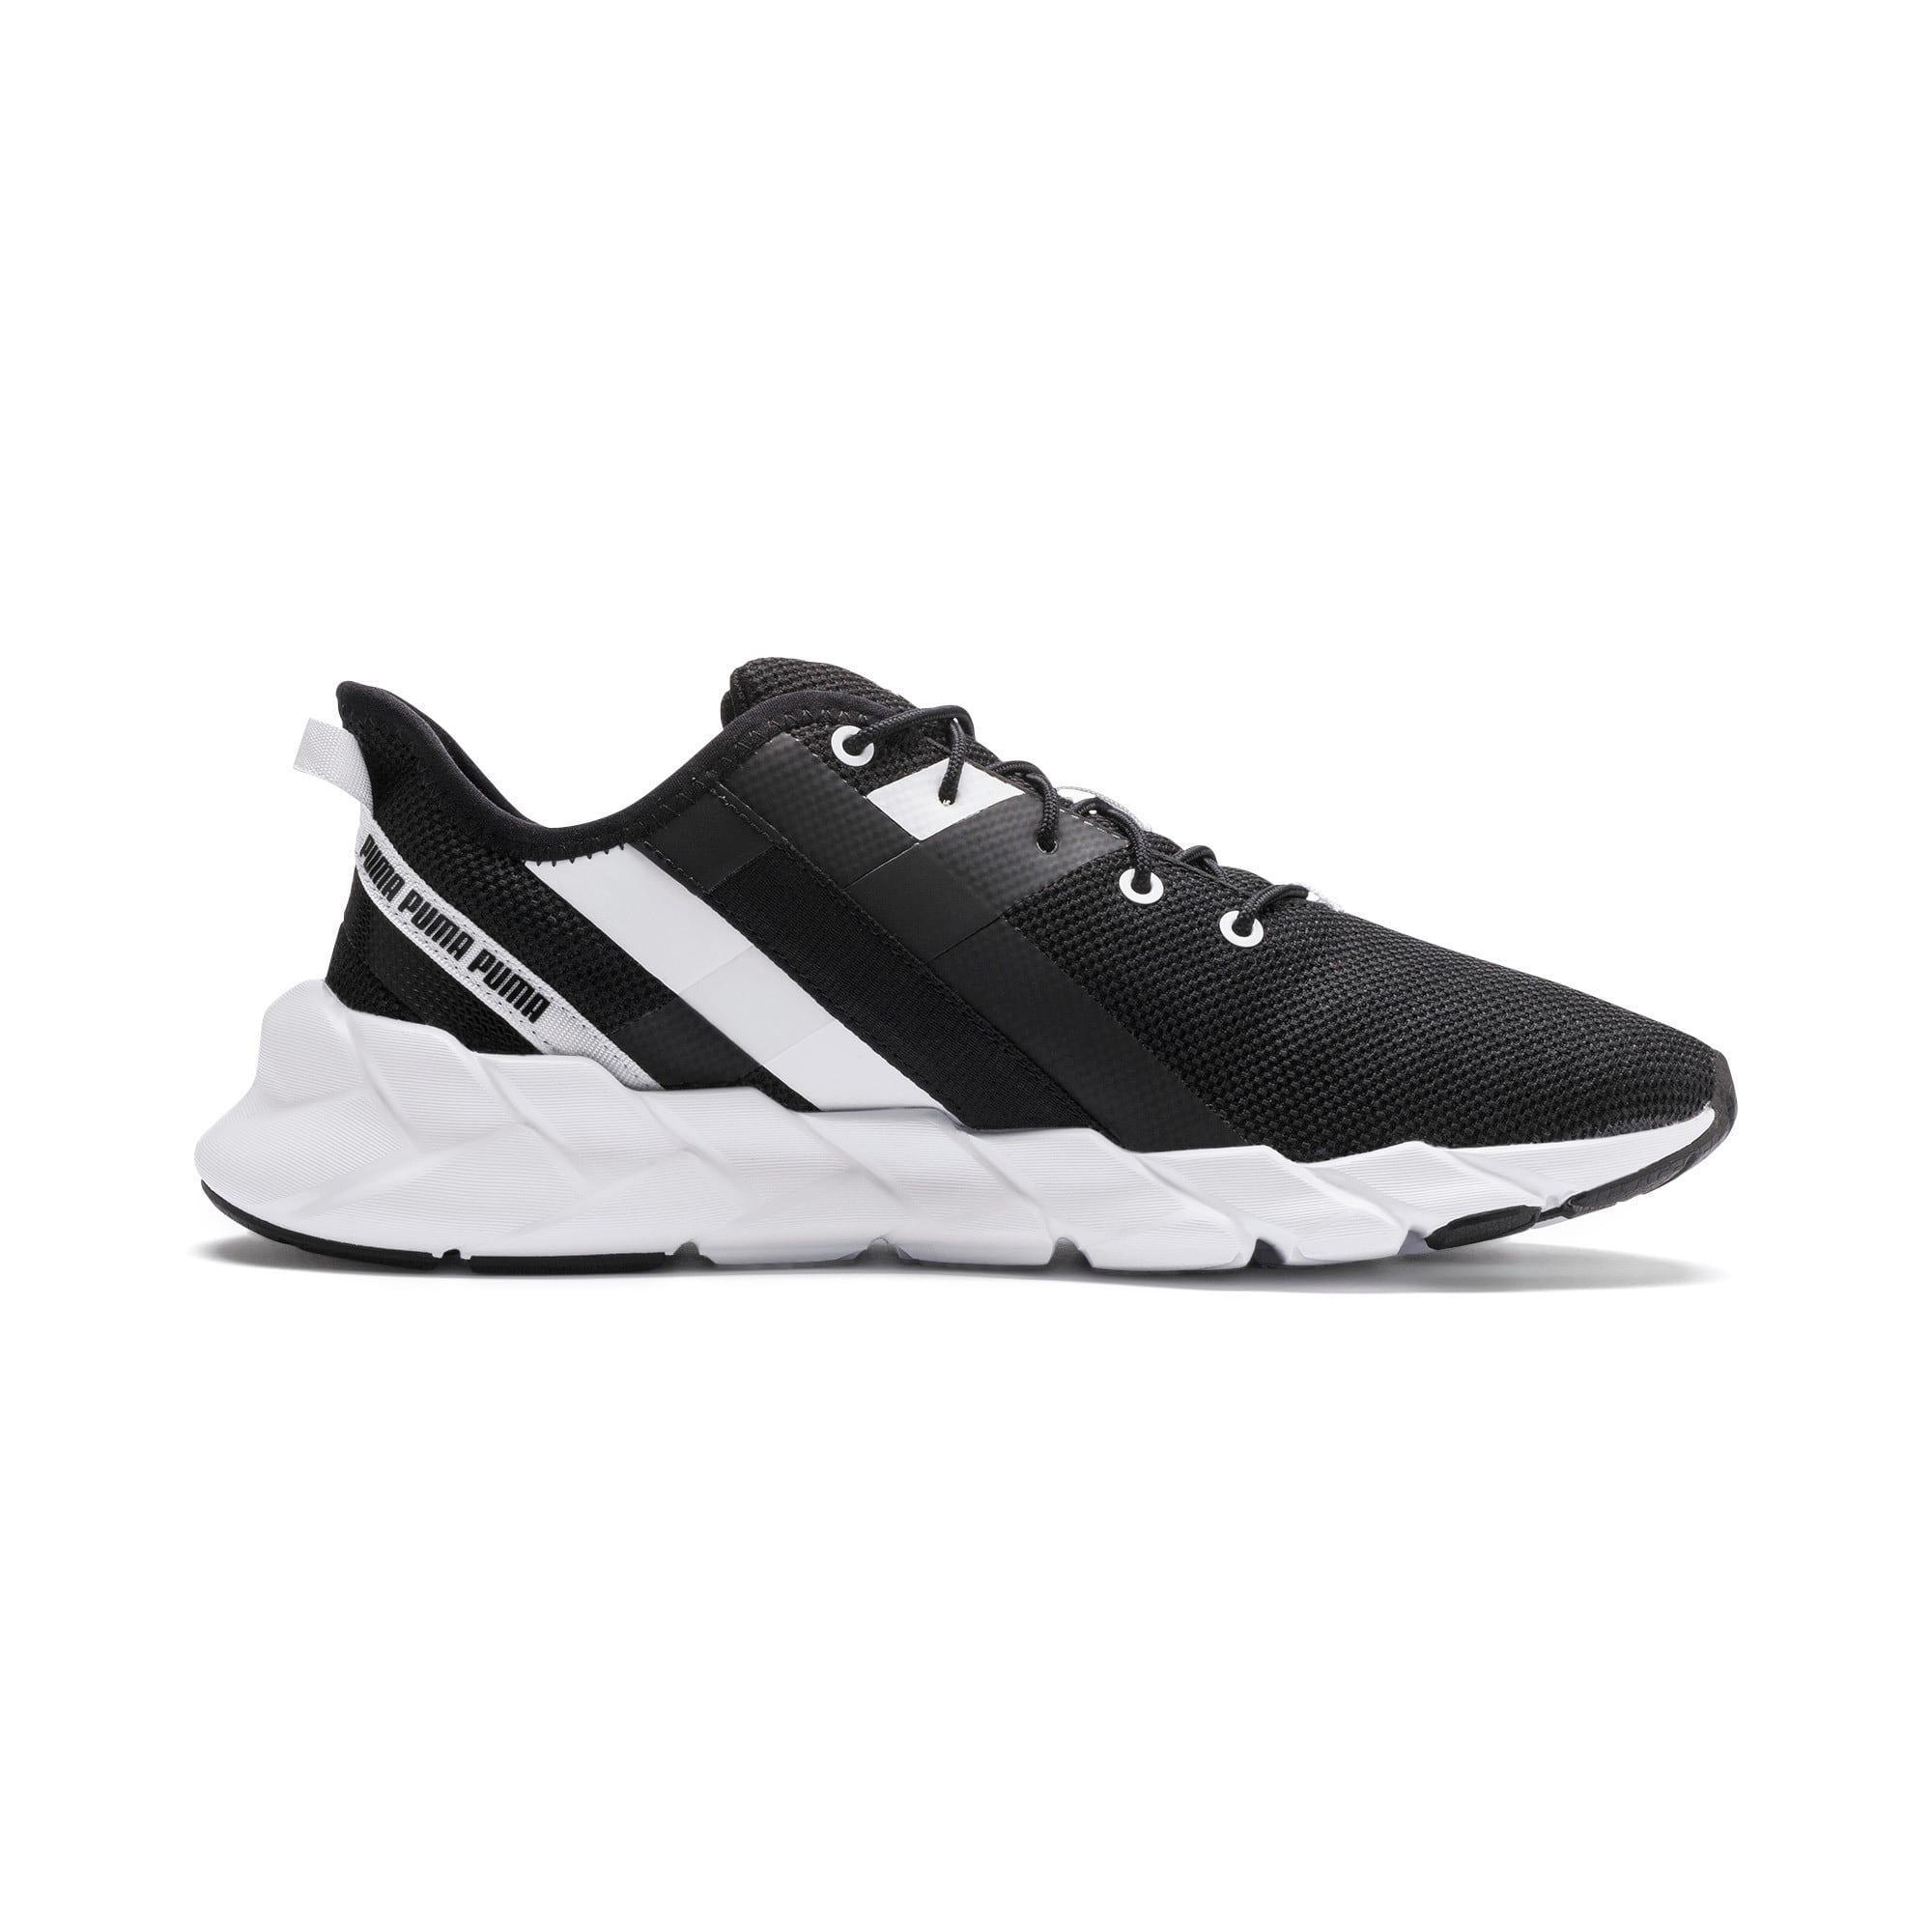 Miniatura 6 de Zapatos de entrenamiento Weave XT para mujer, Puma Black-Puma White, mediano